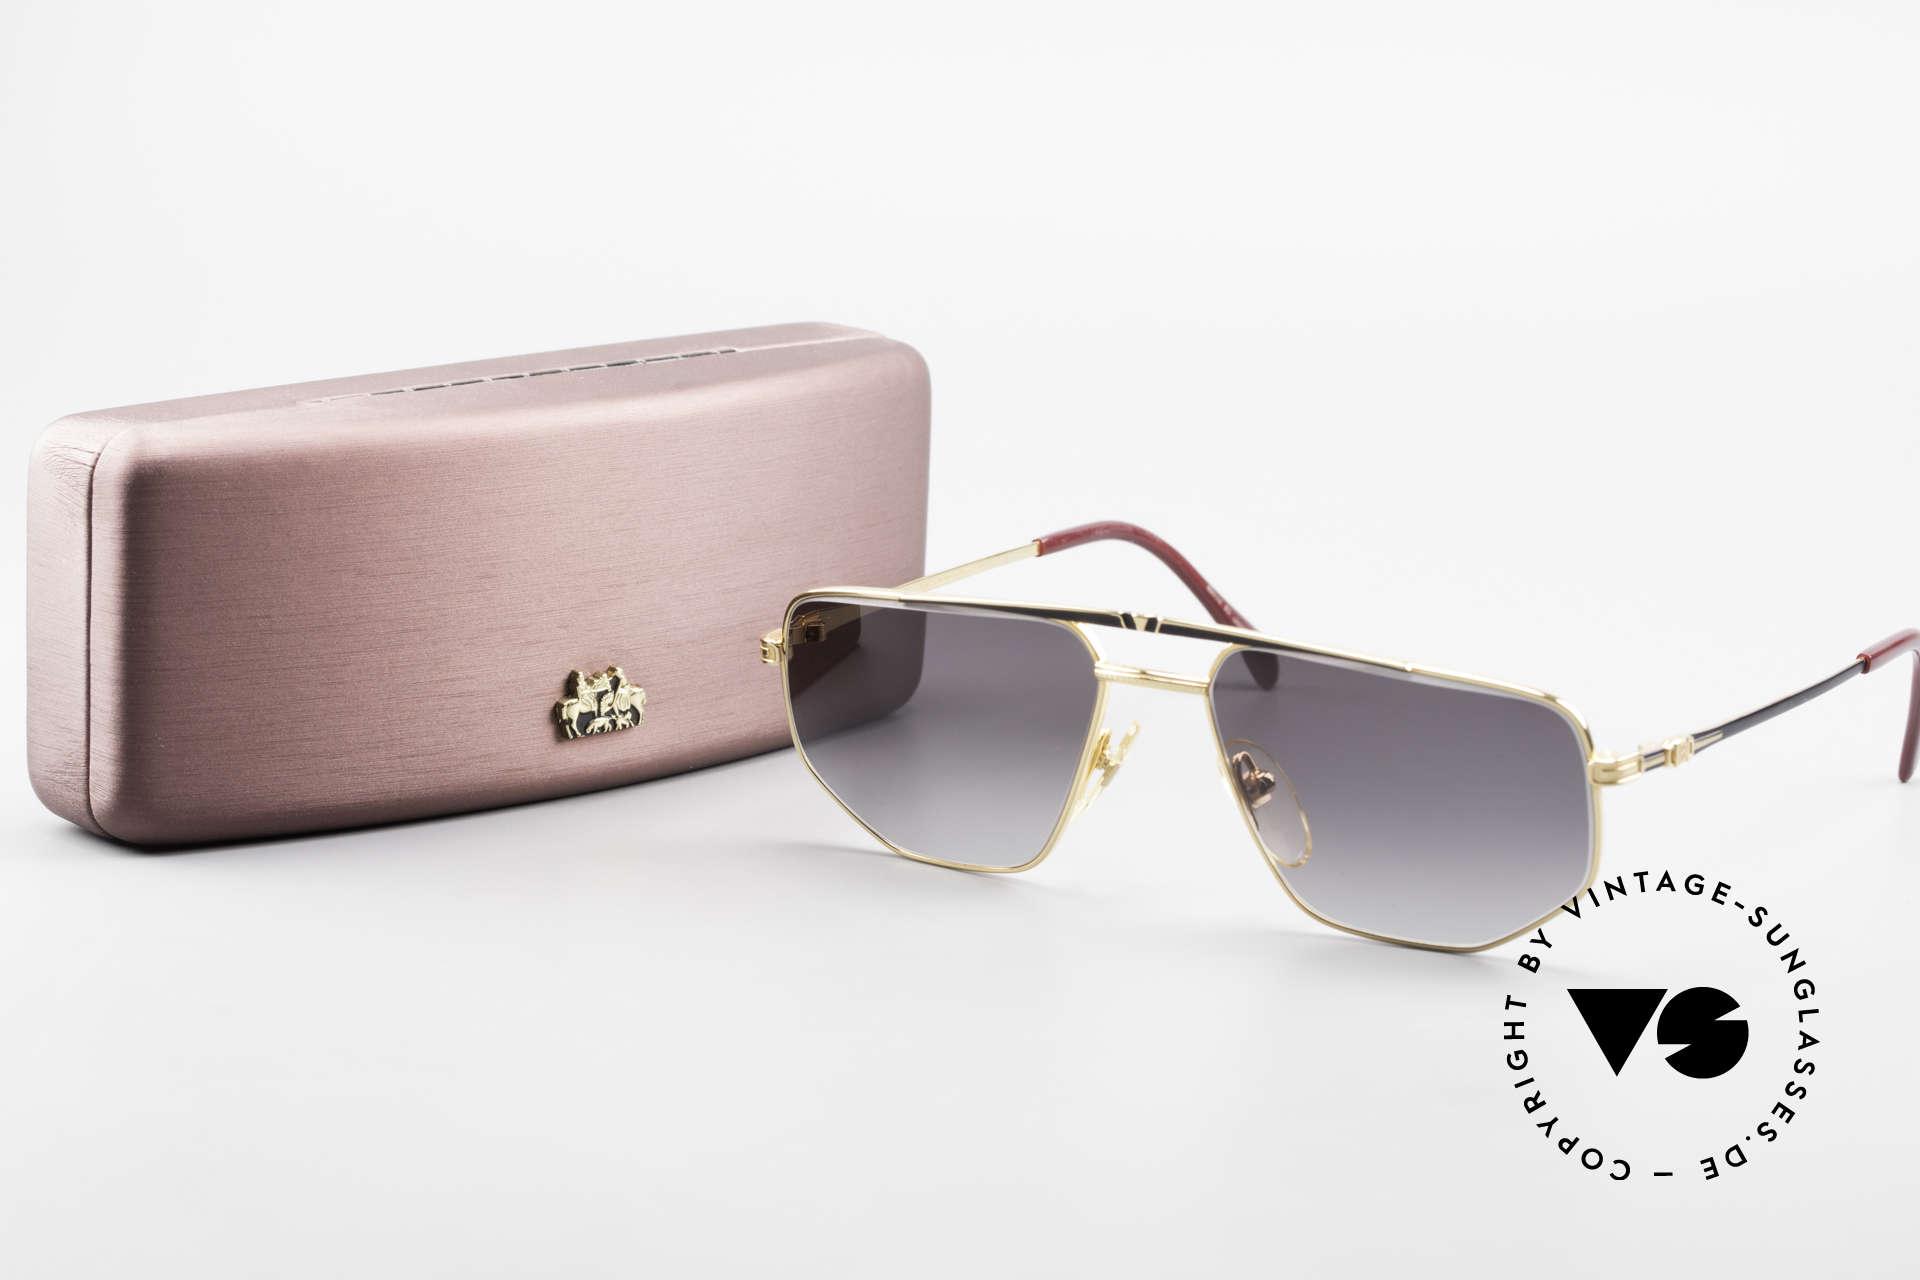 Roman Rothschild R1037 Vergoldete Sonnenbrille Luxus, Sonnengläser können ggf. durch optische ersetzt werden, Passend für Herren und Damen